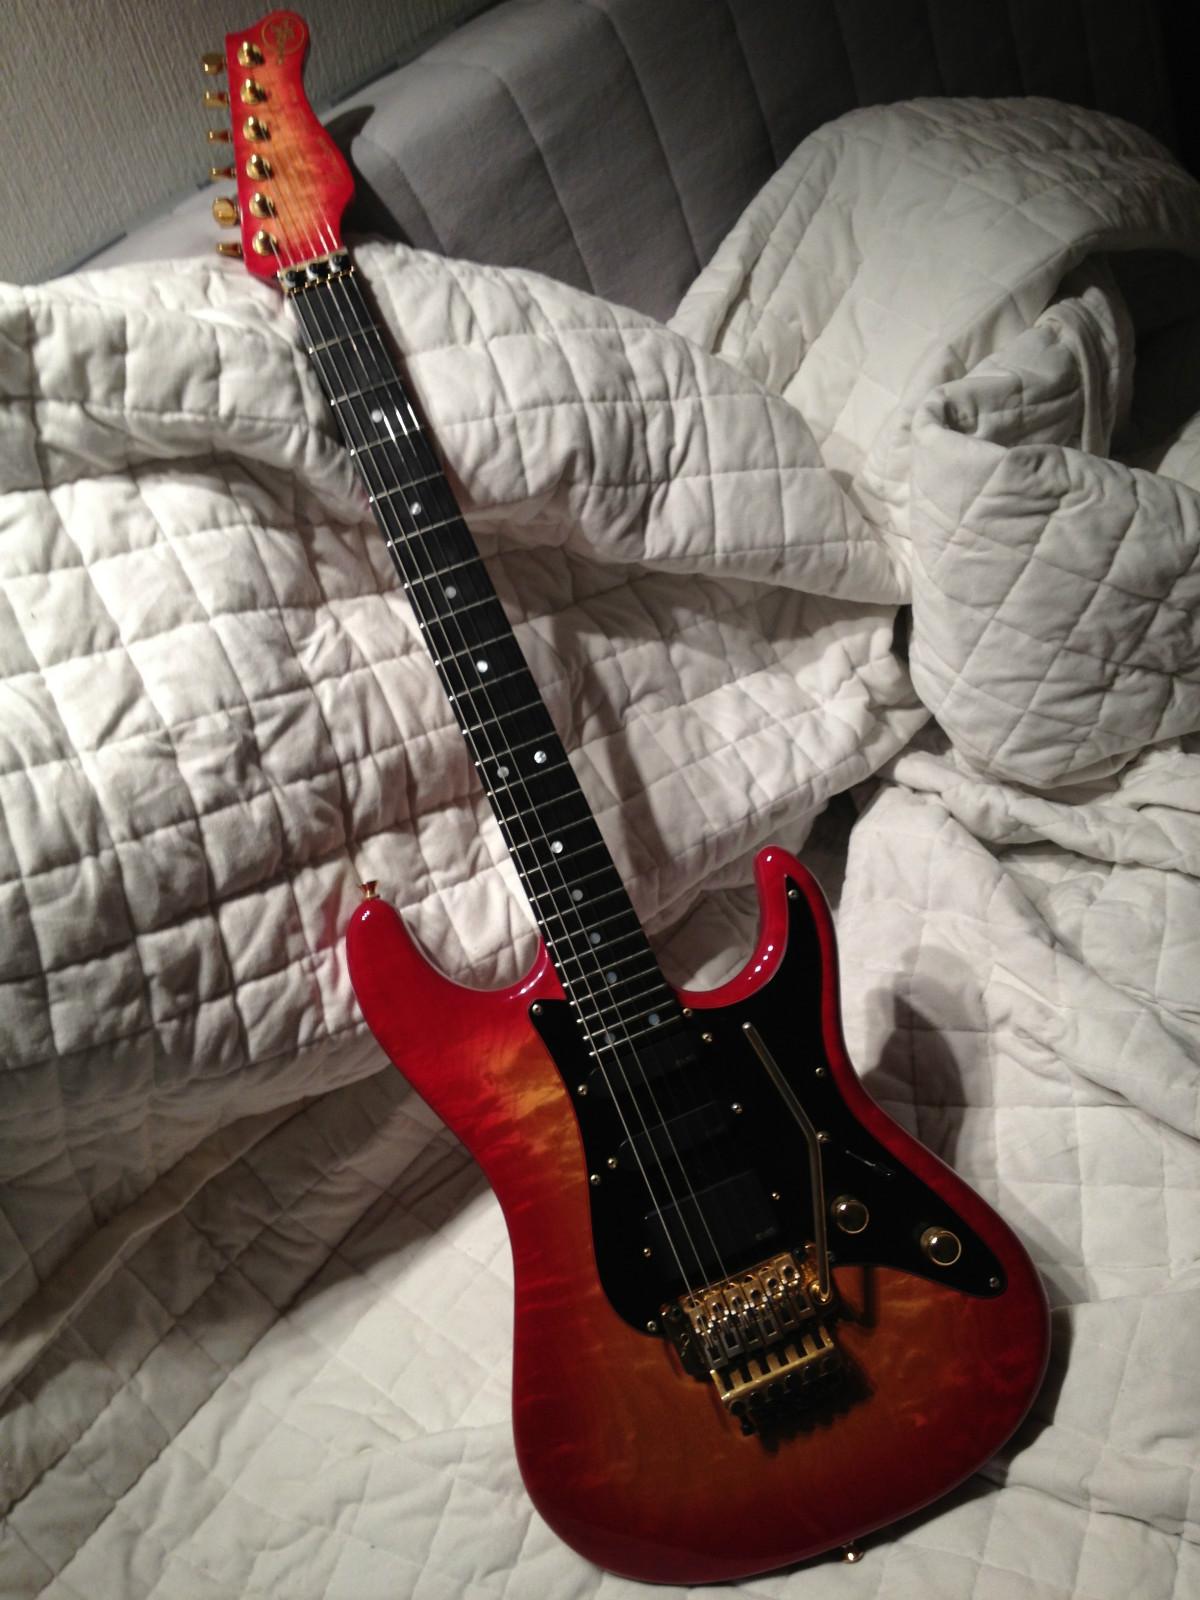 valley arts guitars 1990 luke for sale stratocaster guitar culture stratoblogster. Black Bedroom Furniture Sets. Home Design Ideas